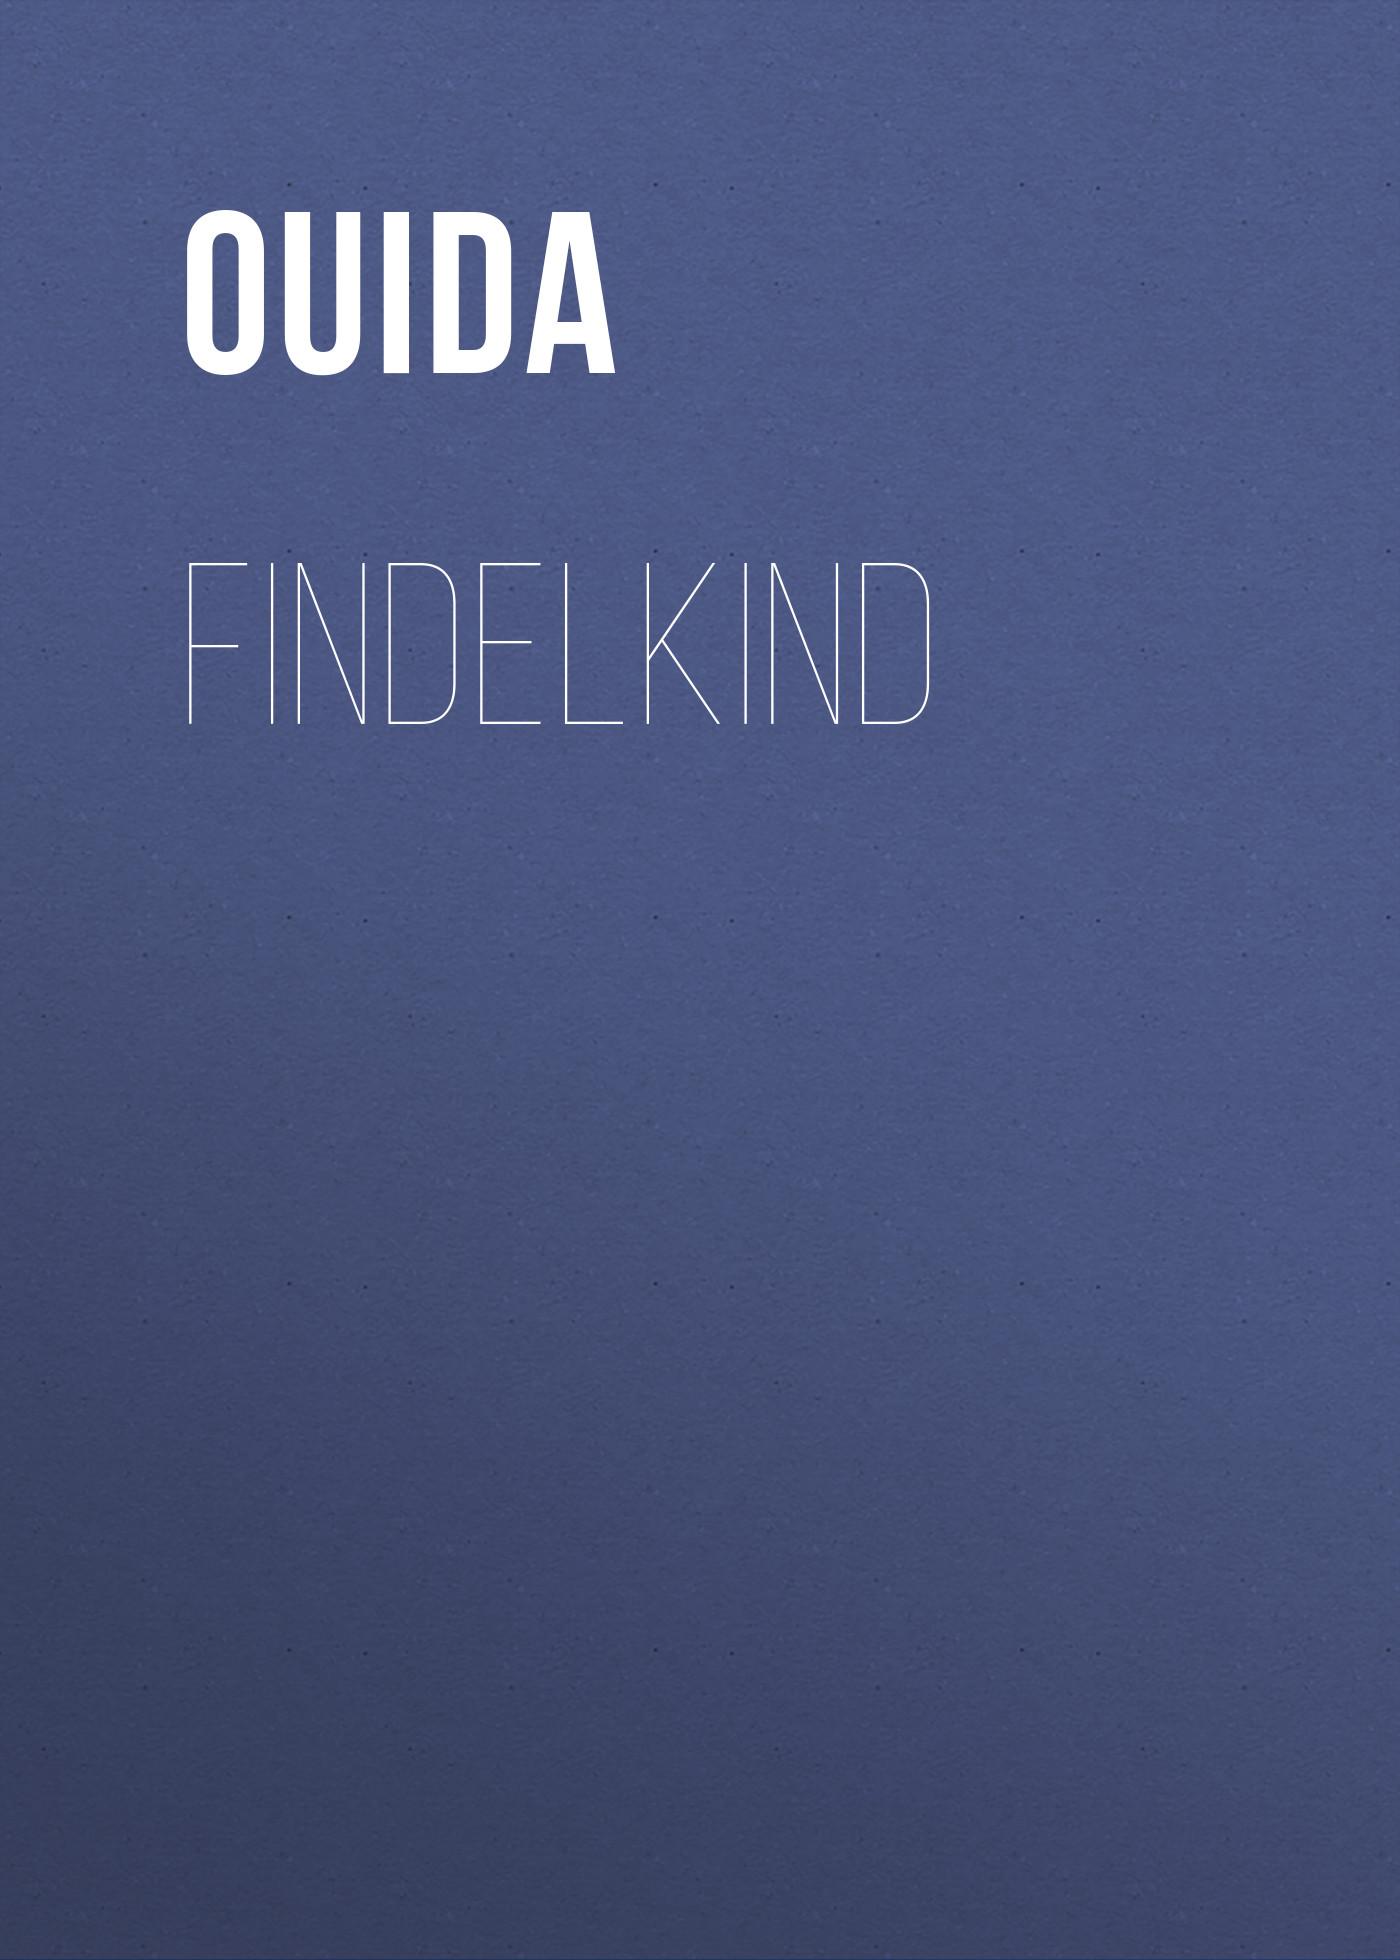 Ouida Findelkind